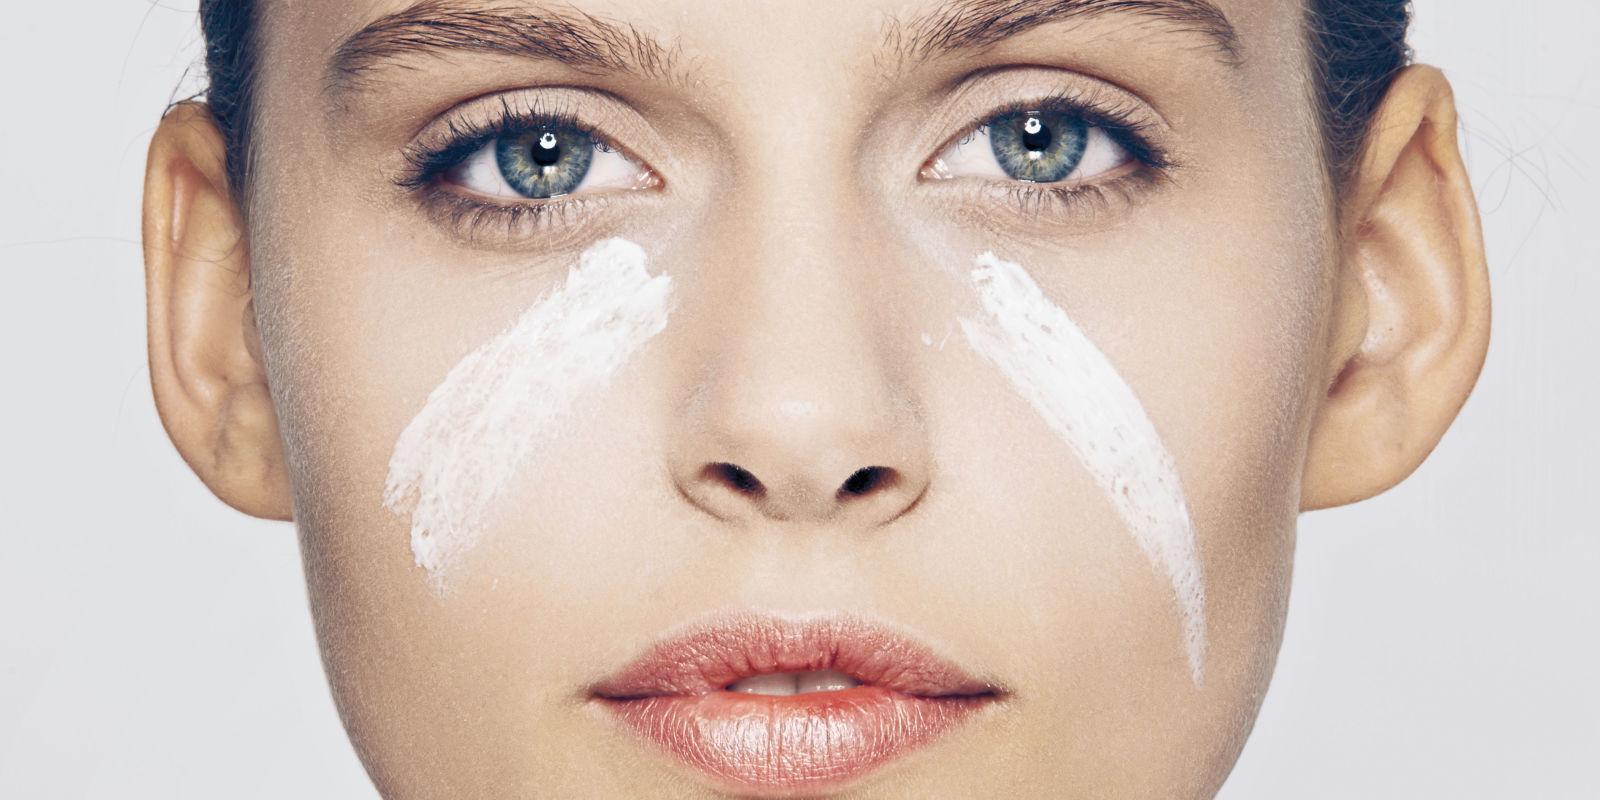 Rejuvenating make-up, i.e. How make face look younger?